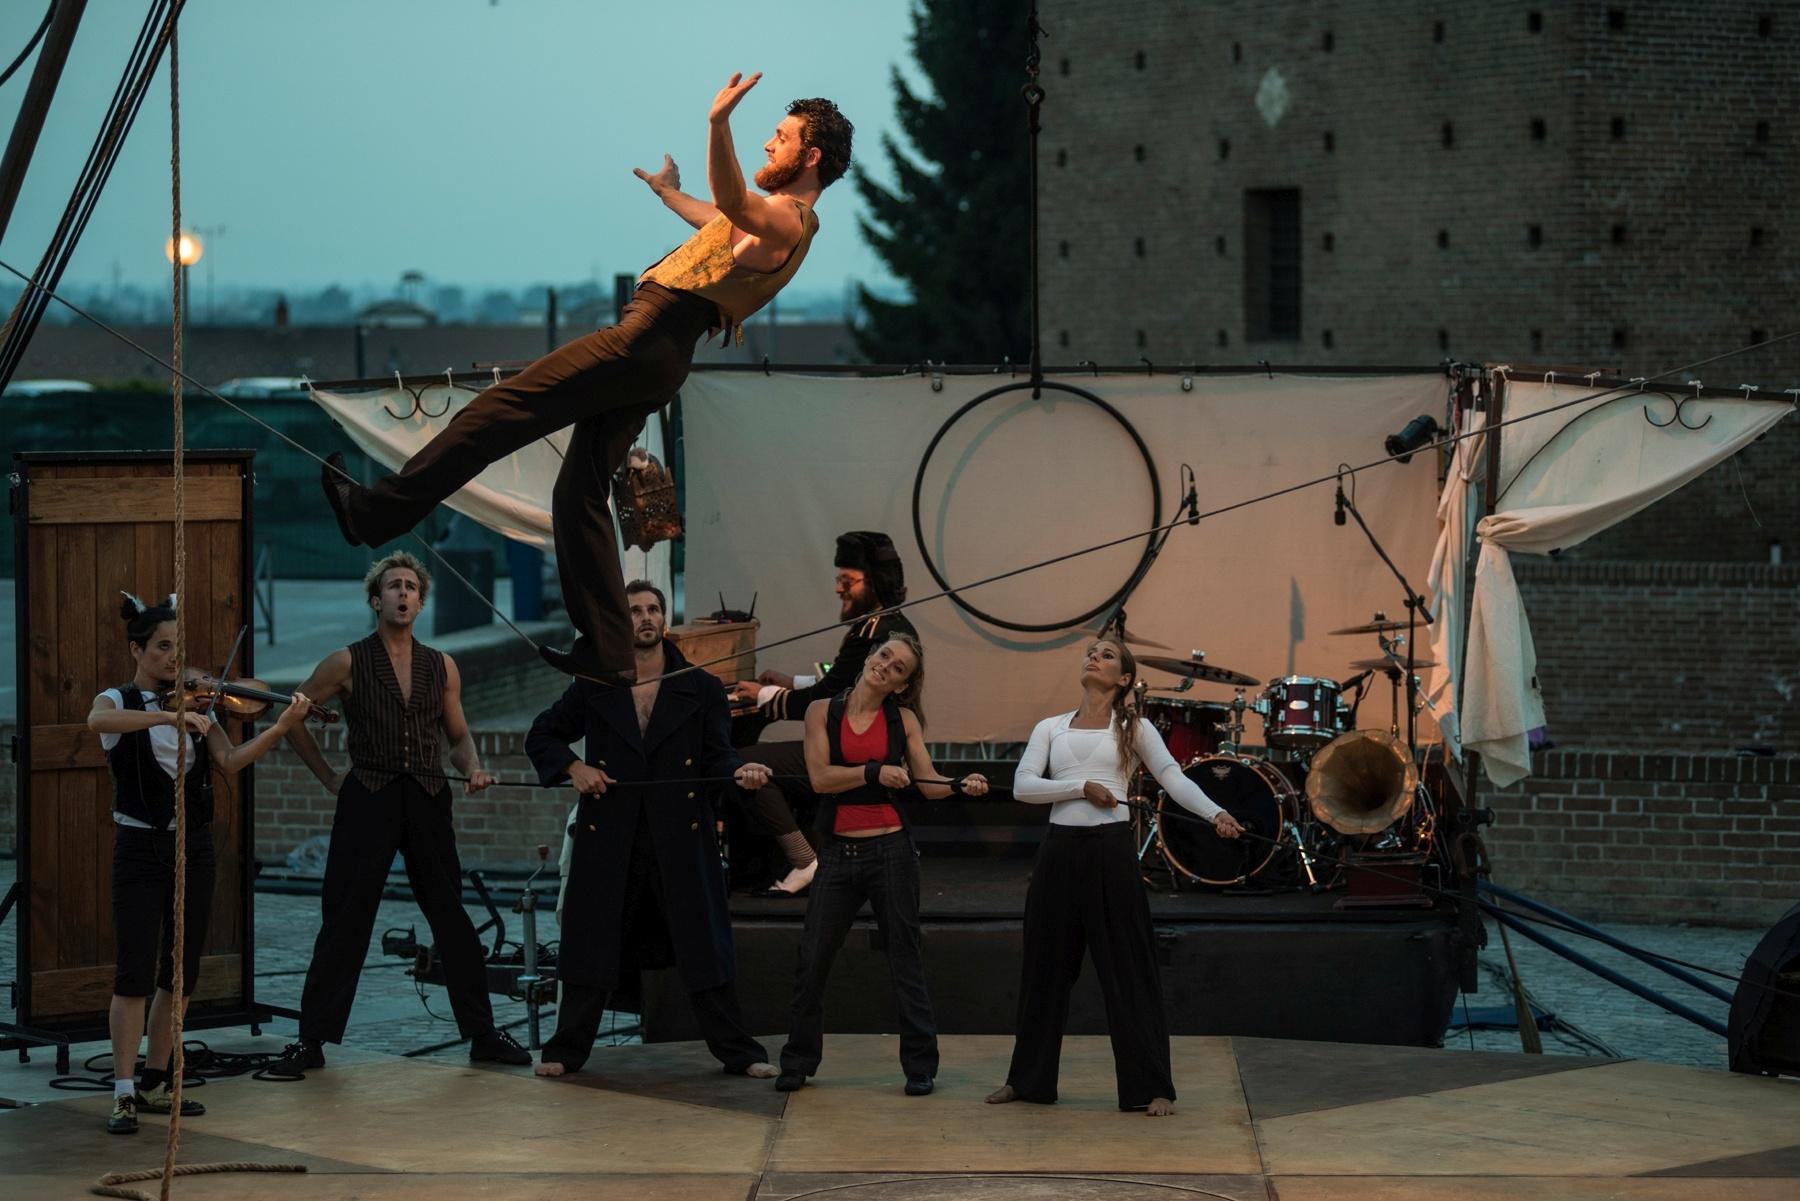 Lonato: Vier Wochenenden im Zeichen des zeitgenössischen Zirkus